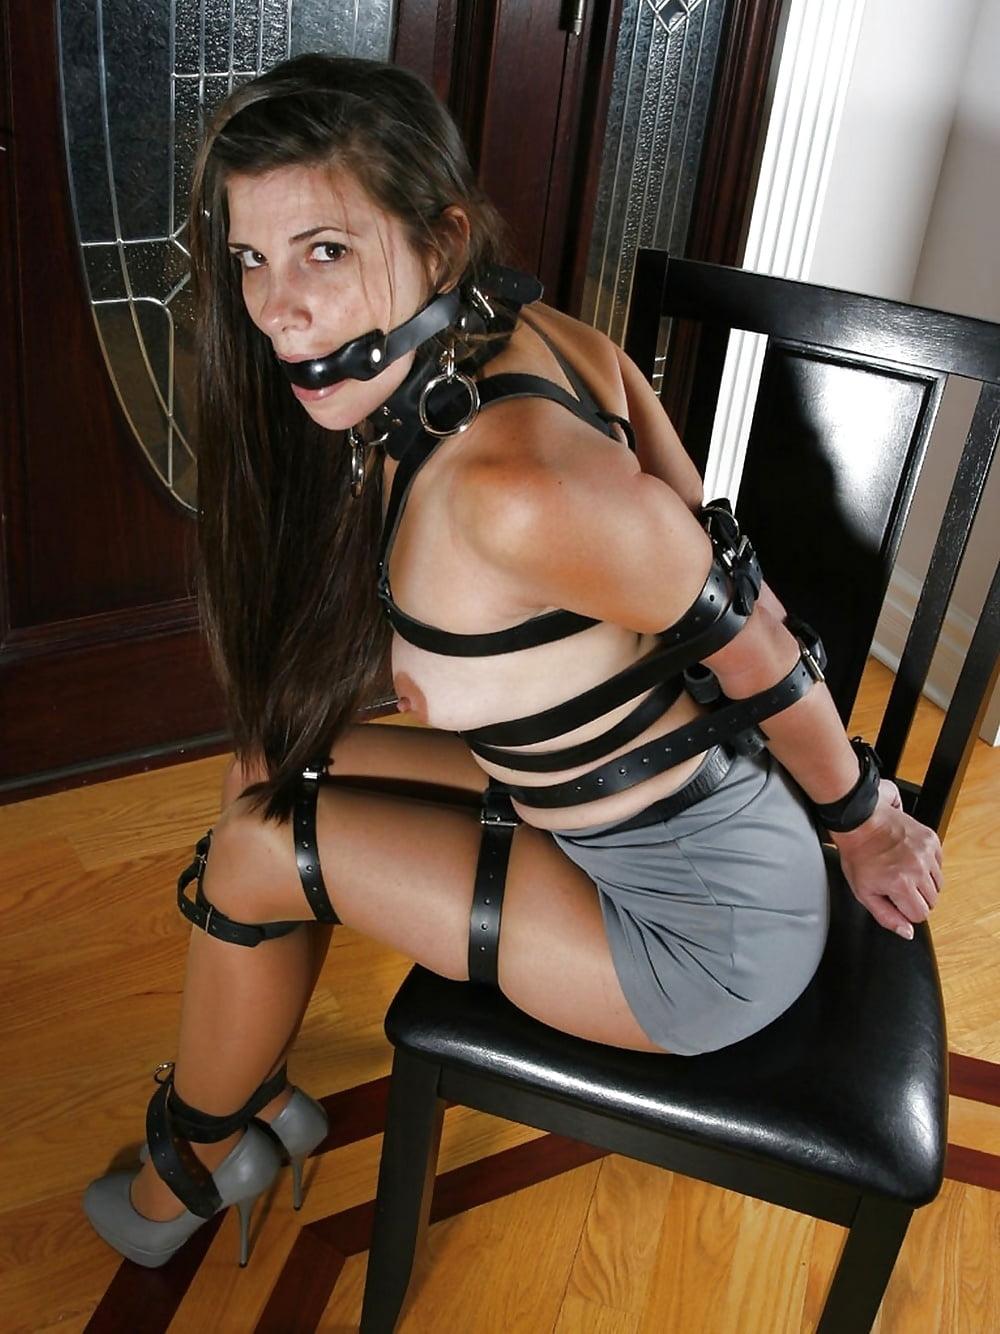 Nylon bondage rope